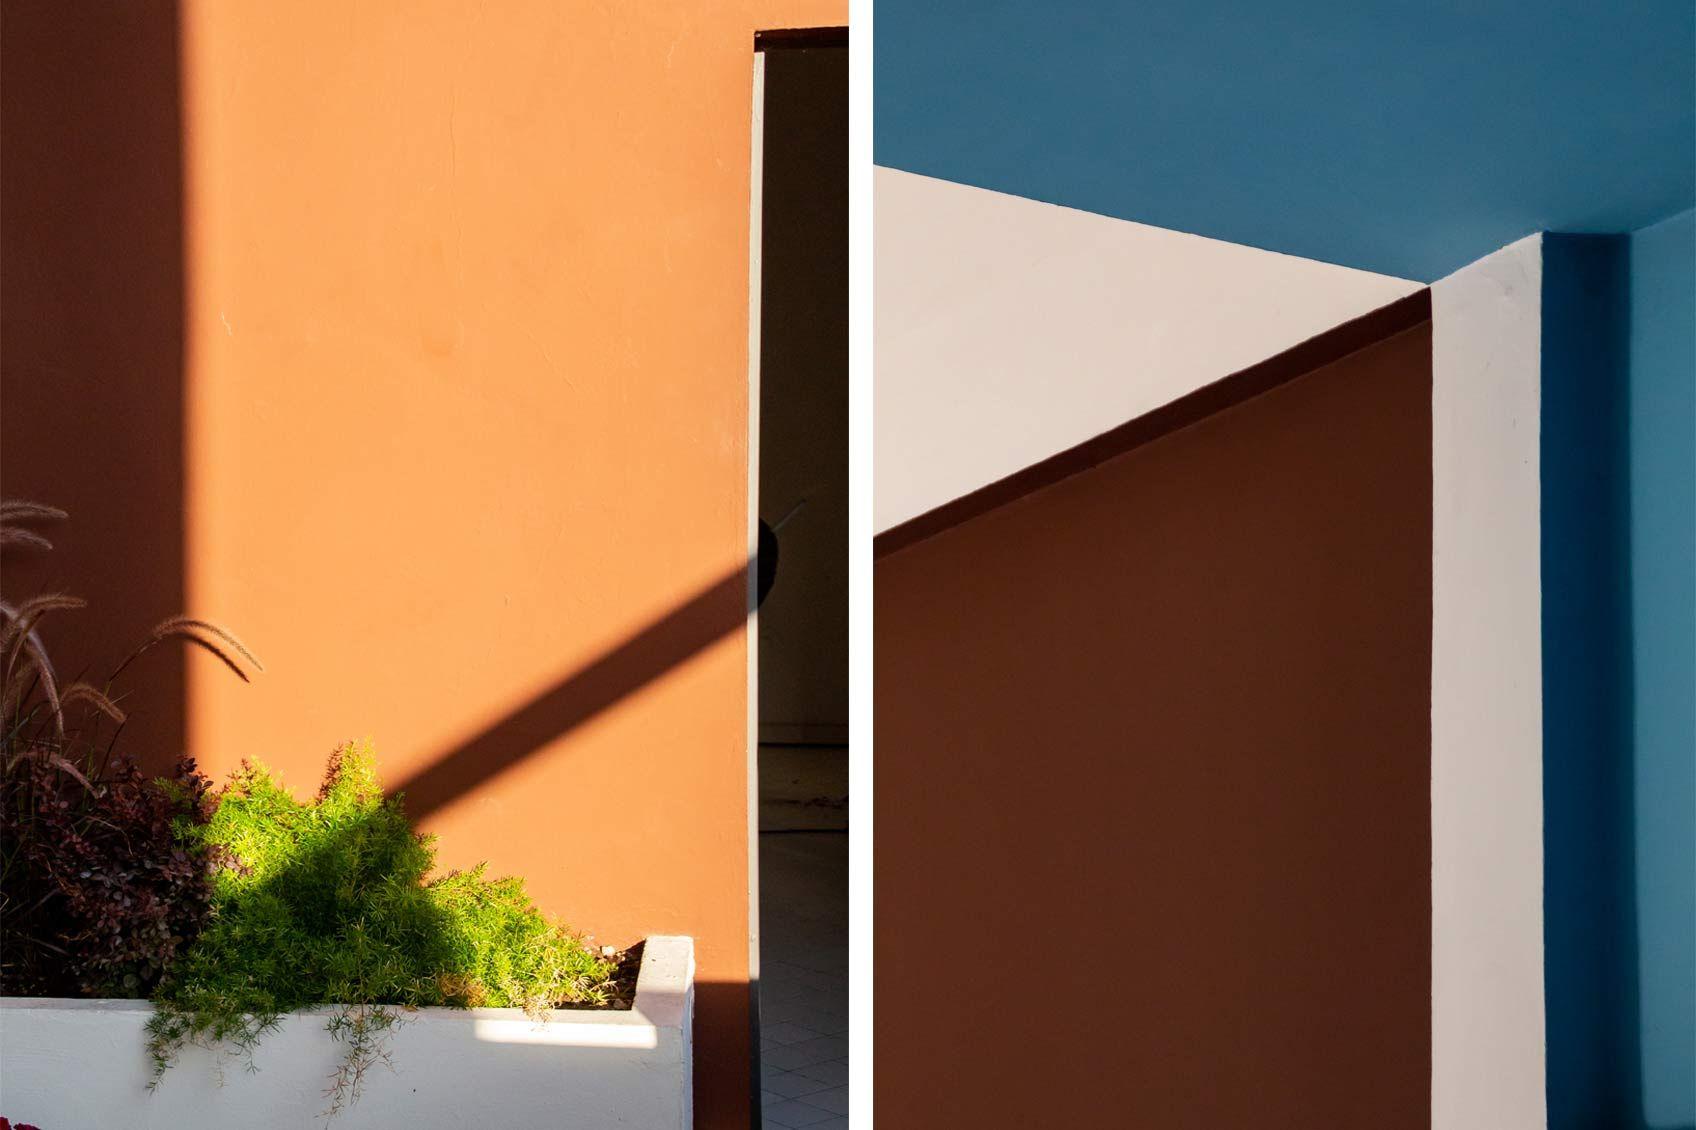 Les Couleurs Le Corbusier Wall Paint C Les Couleurs Suisse Ag